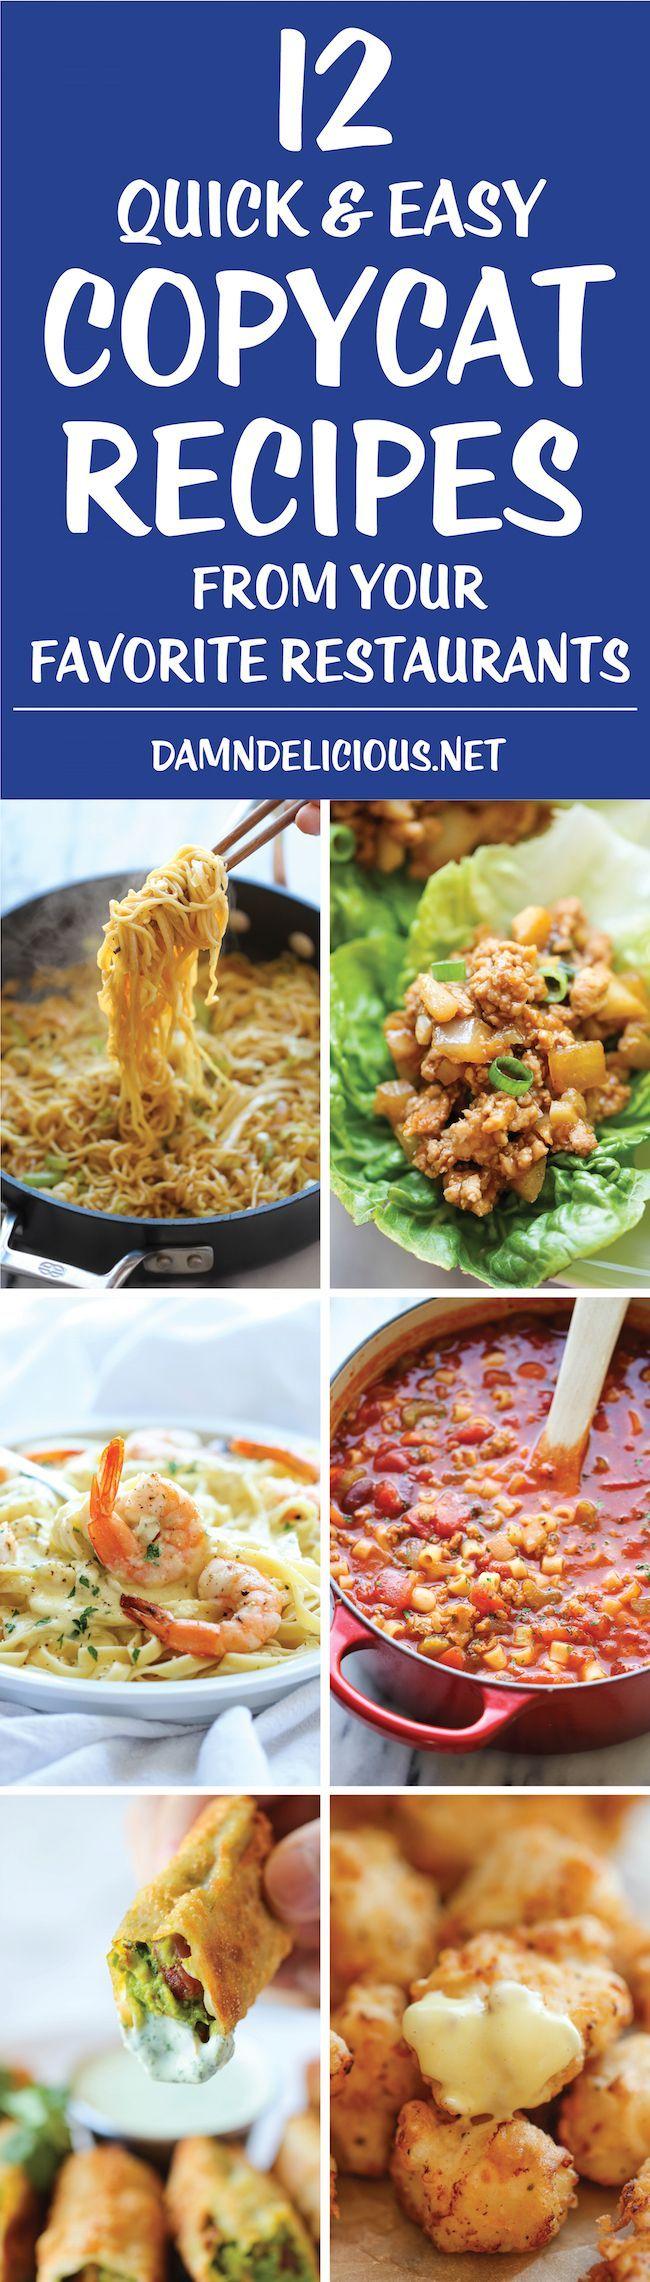 Easy dinner recipes for 12